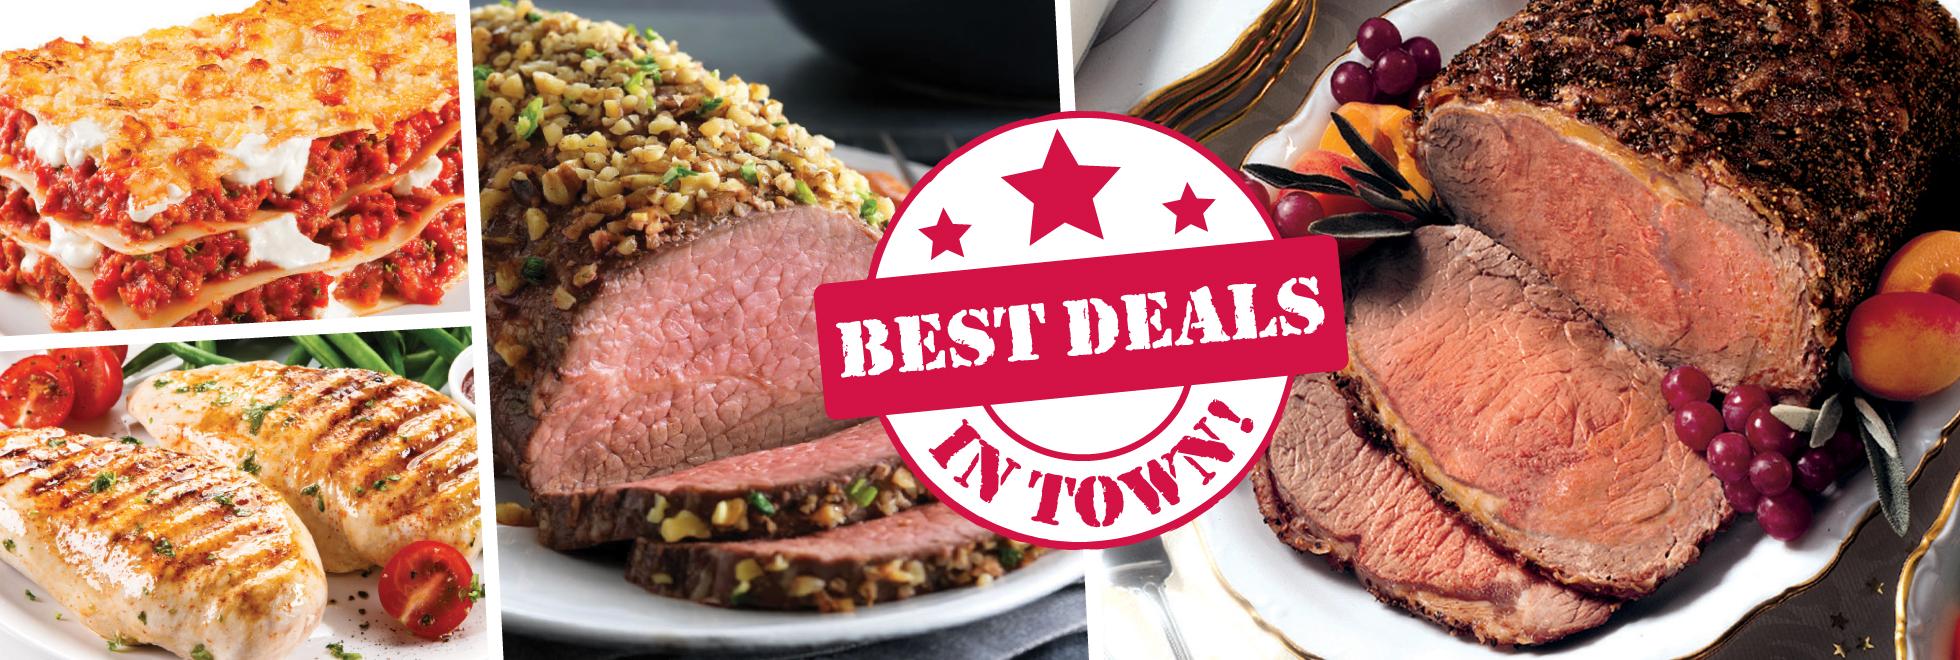 Best Deals in Town on Meats